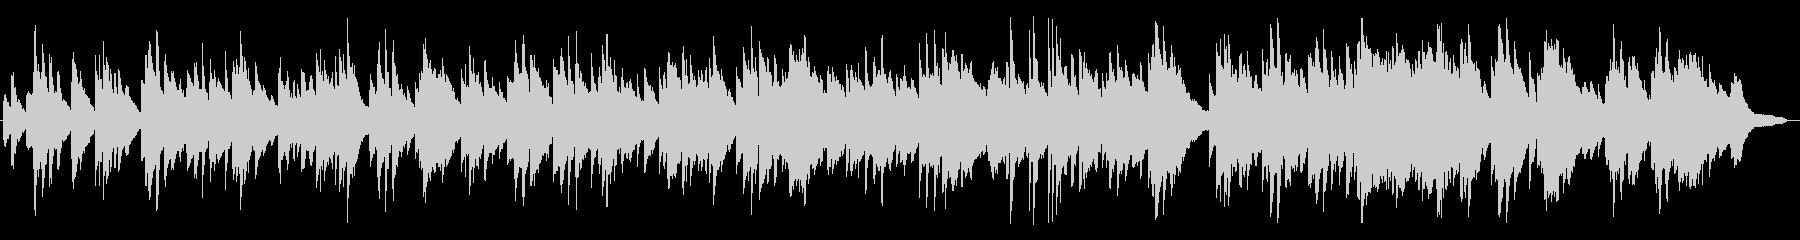 優しく、切ないワルツのピアノBGMの未再生の波形